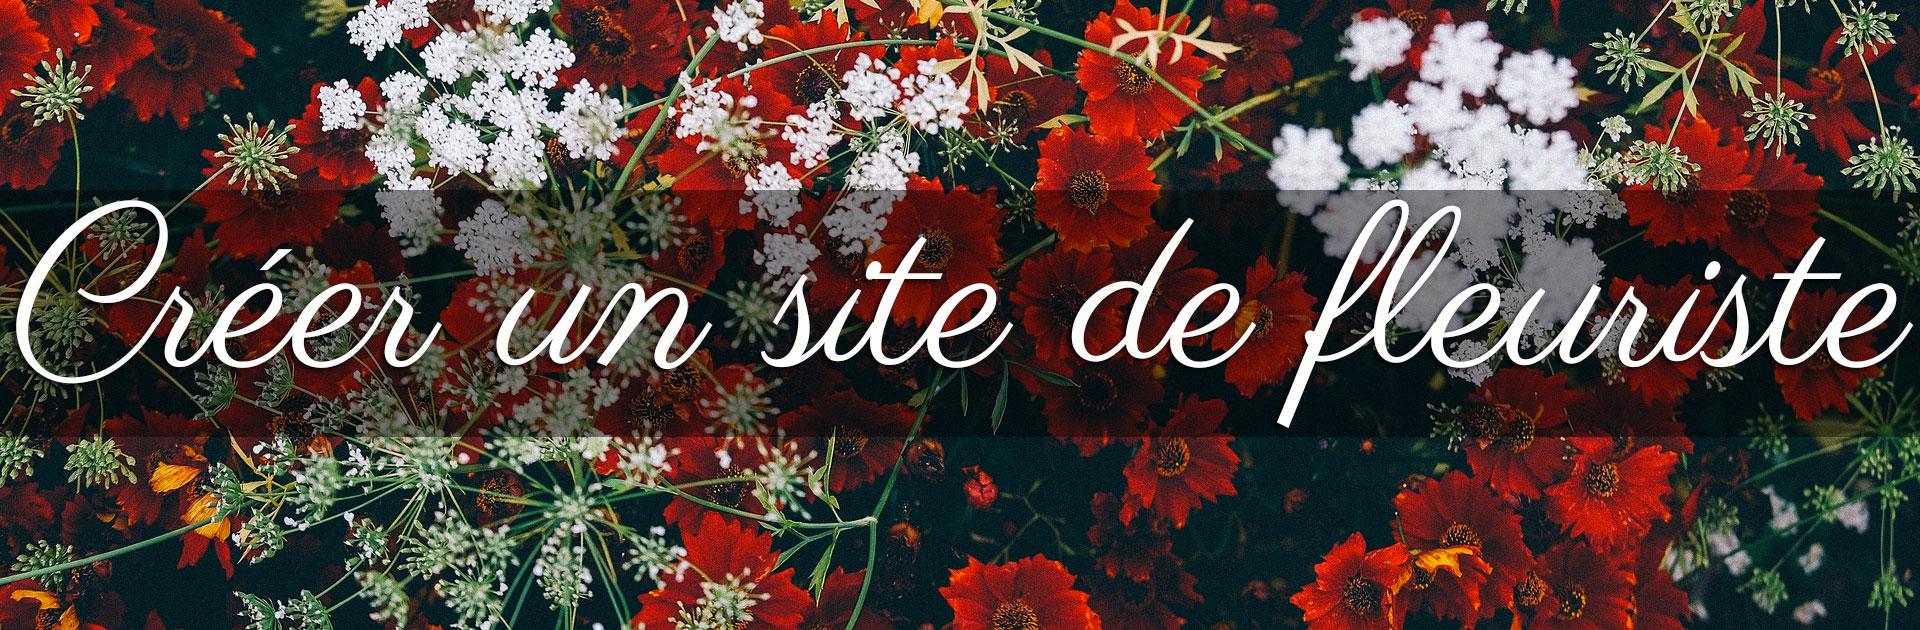 créer un site de fleuriste